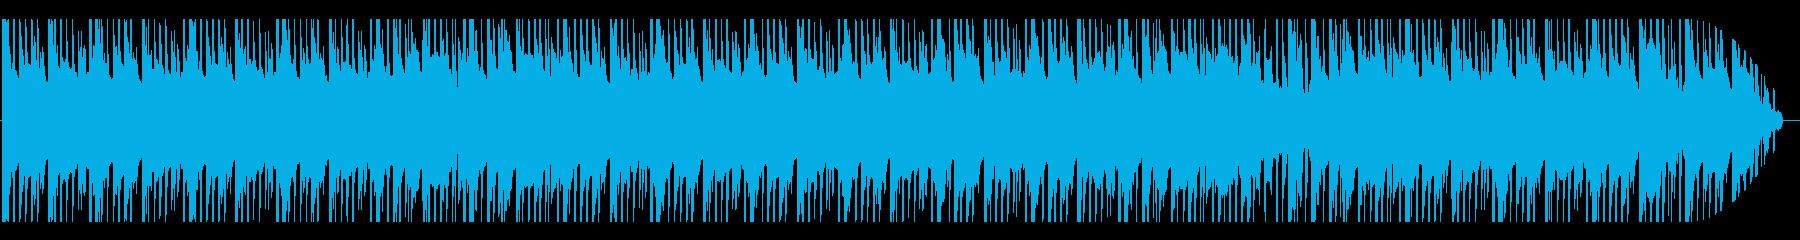 ゆったりとしたEDM系のBGMです。の再生済みの波形